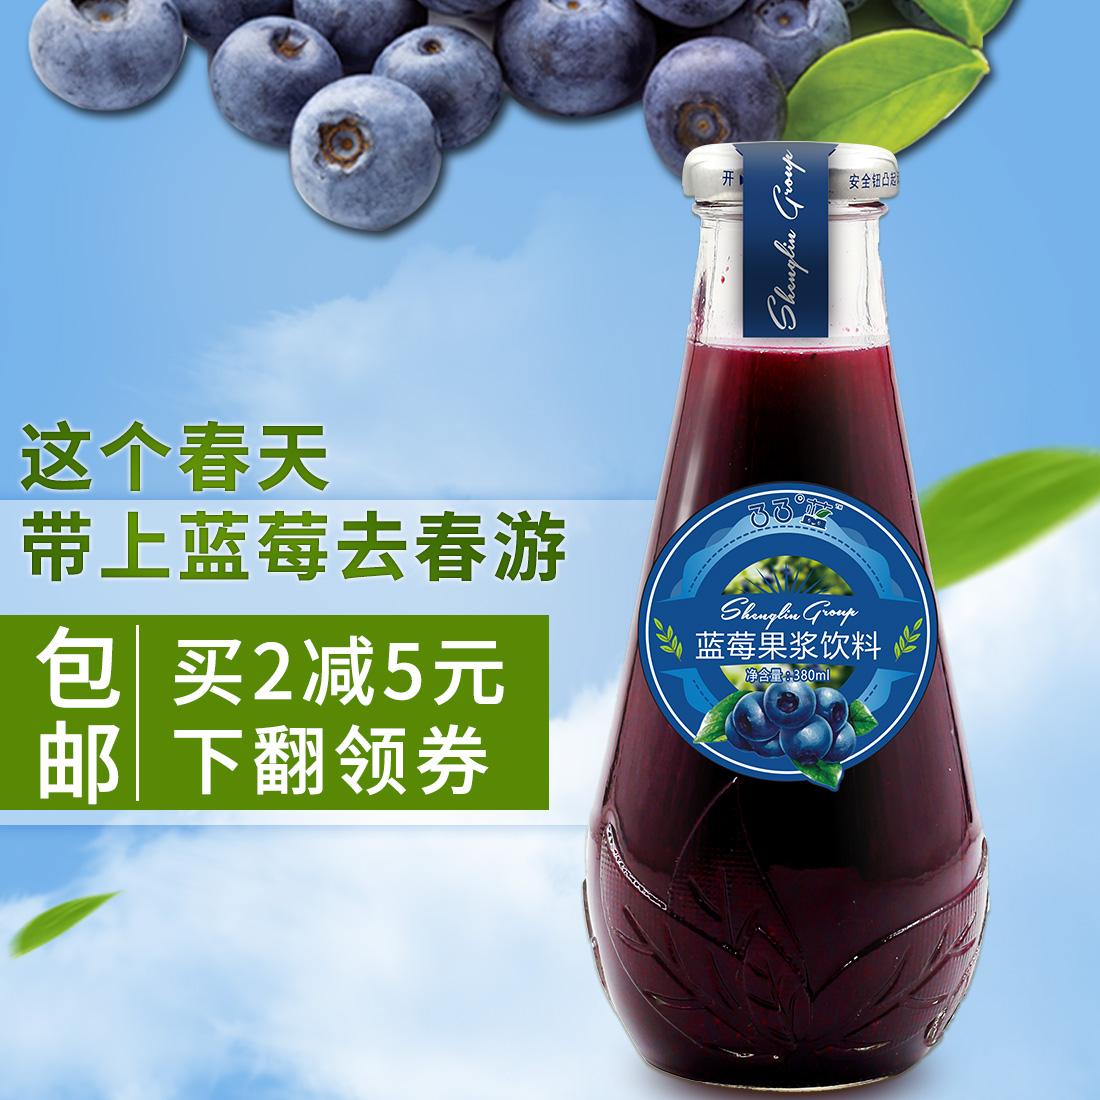 蓝莓果浆饮料浓缩果蔬汁不含防腐剂营养美味果汁原浆浓度85%包邮